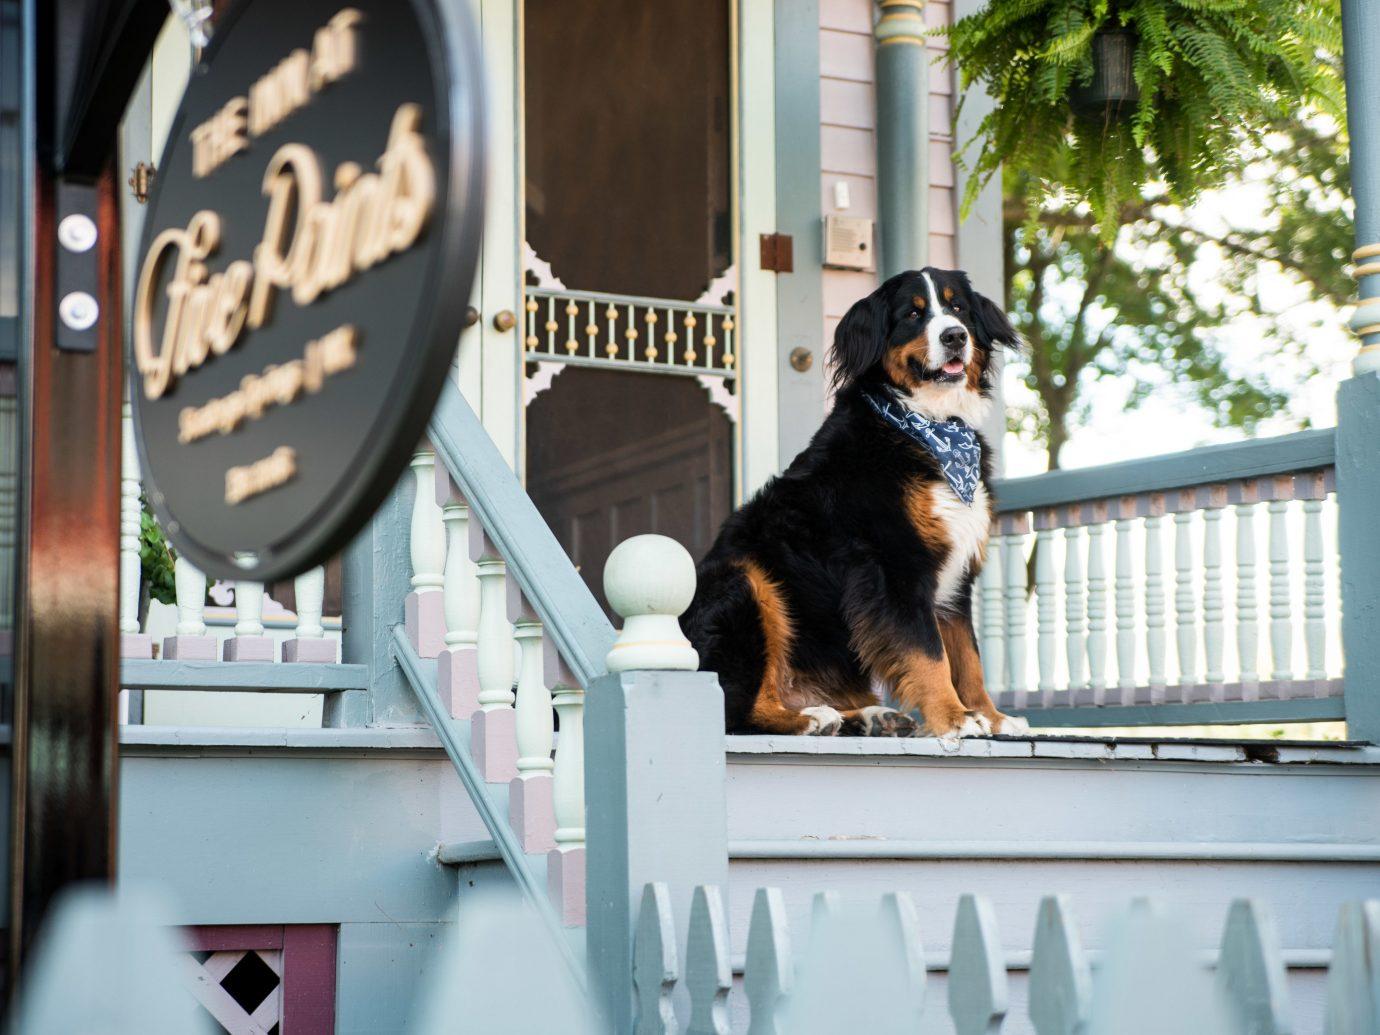 Girls Getaways Trip Ideas Weekend Getaways Dog dog like mammal